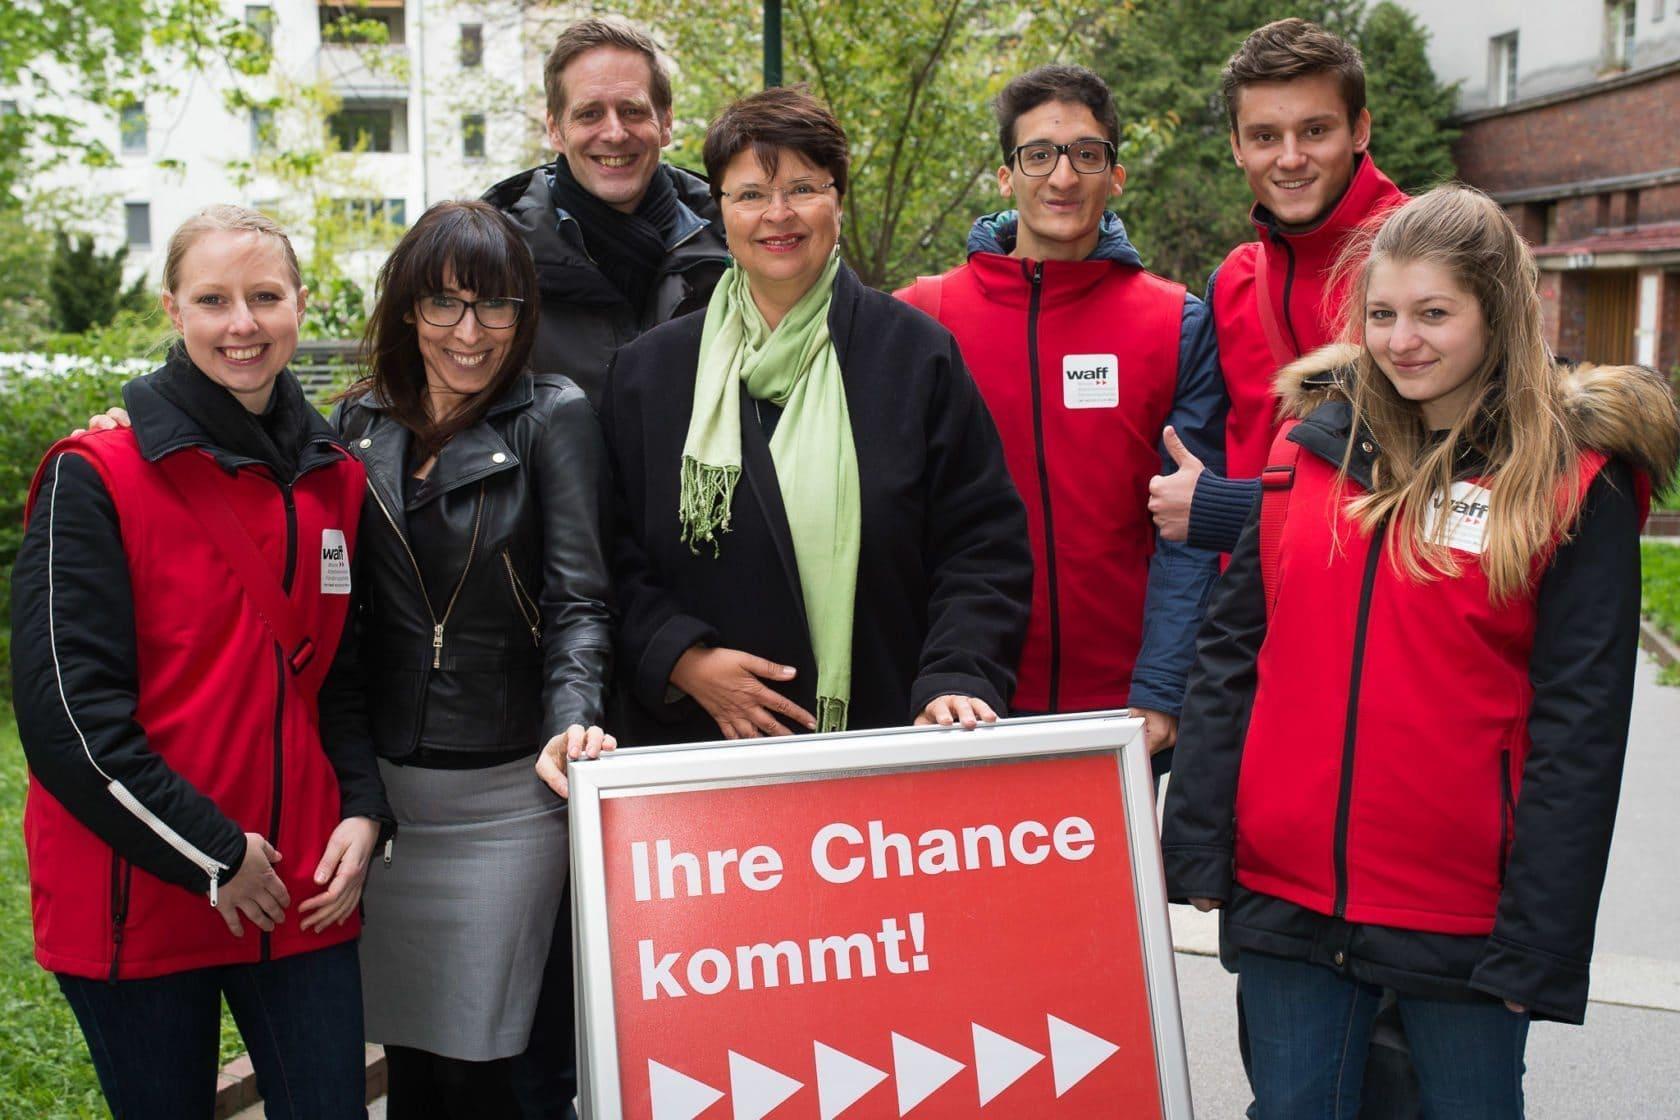 waff-Gemeindebauaktion mit Stadträtin Brauner im Rabenhof und Promotoren und Promotorinnen (SPÖ)